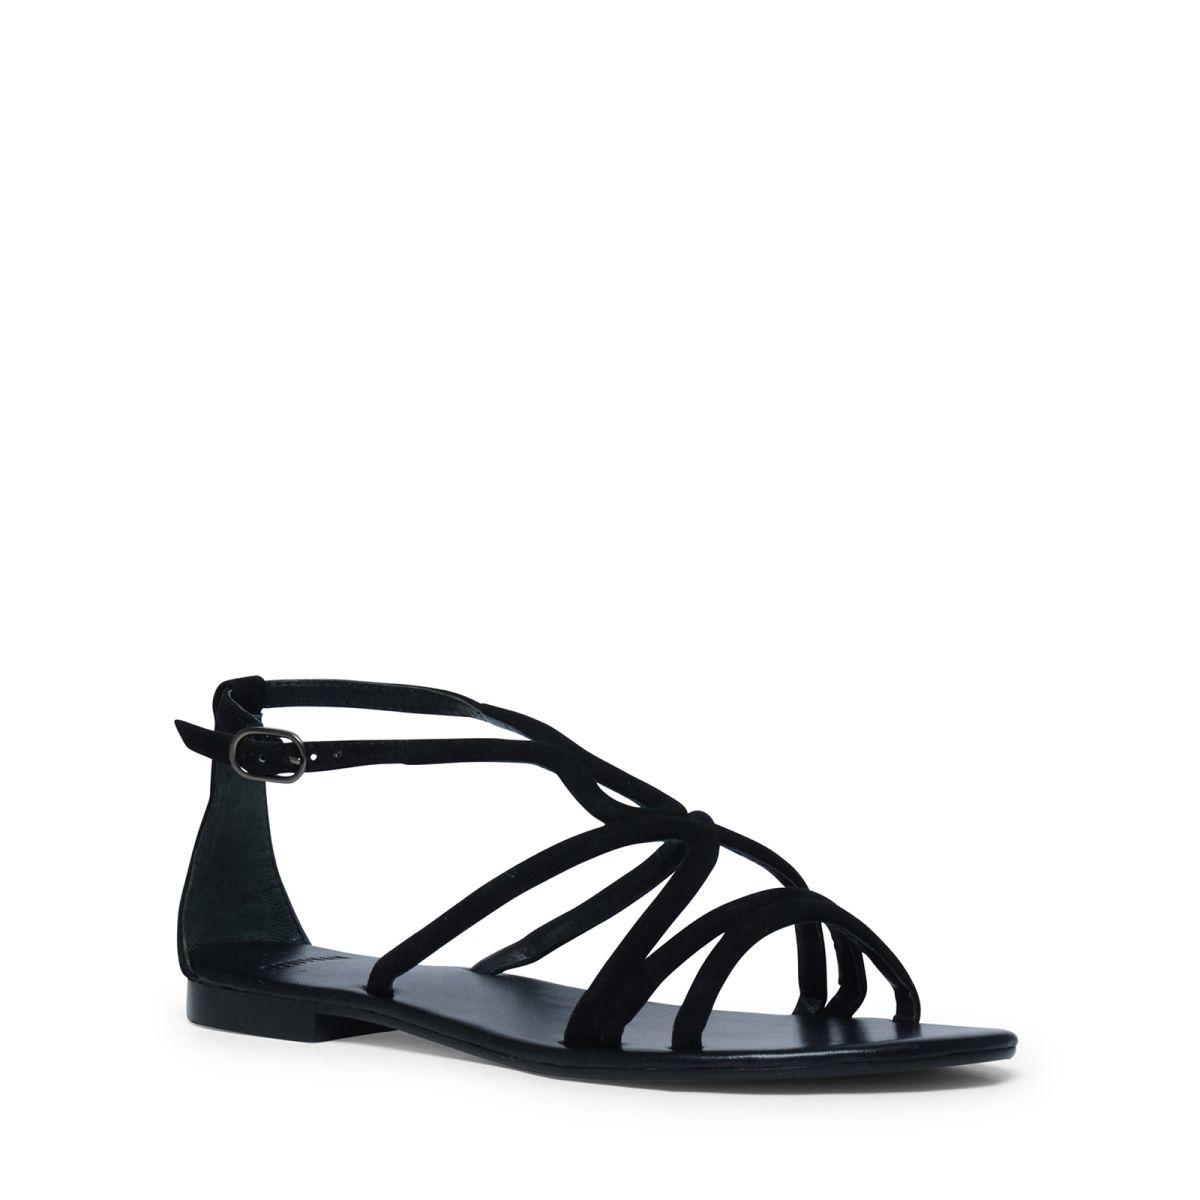 Platte sandalen zwart  Description: Sandalen van het merk Manfield. De sandalen zijn gemaakt van suède. De speelse bandjes geven de sandalen net dat extra?s. Combineer de sandalen onder een zomers jurkje of een opgerolde jeans. De maat valt normaal.  Price: 48.99  Meer informatie  #manfield